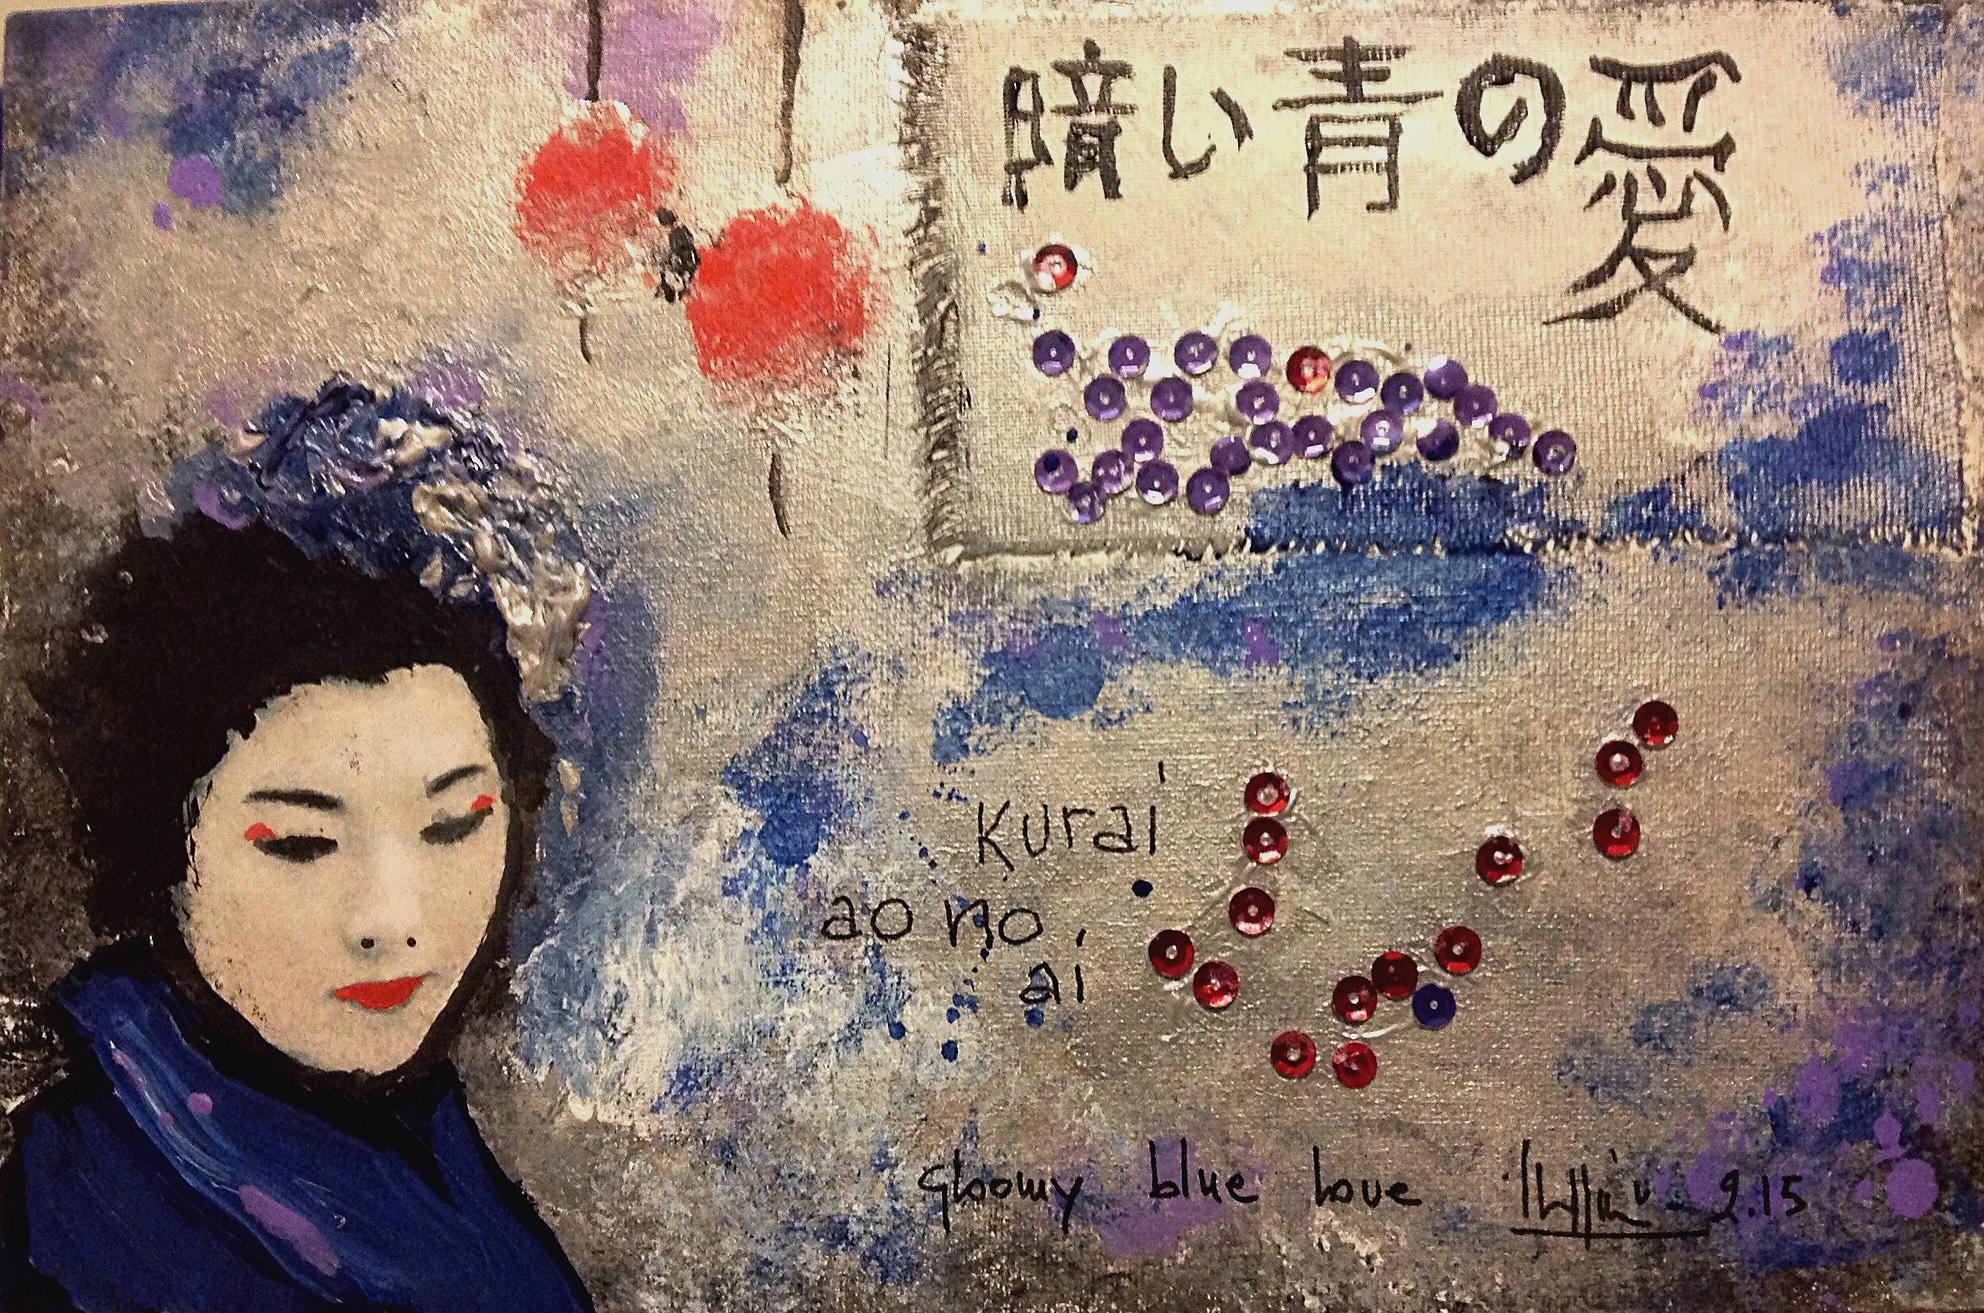 GLOOMY BLUE LOVE